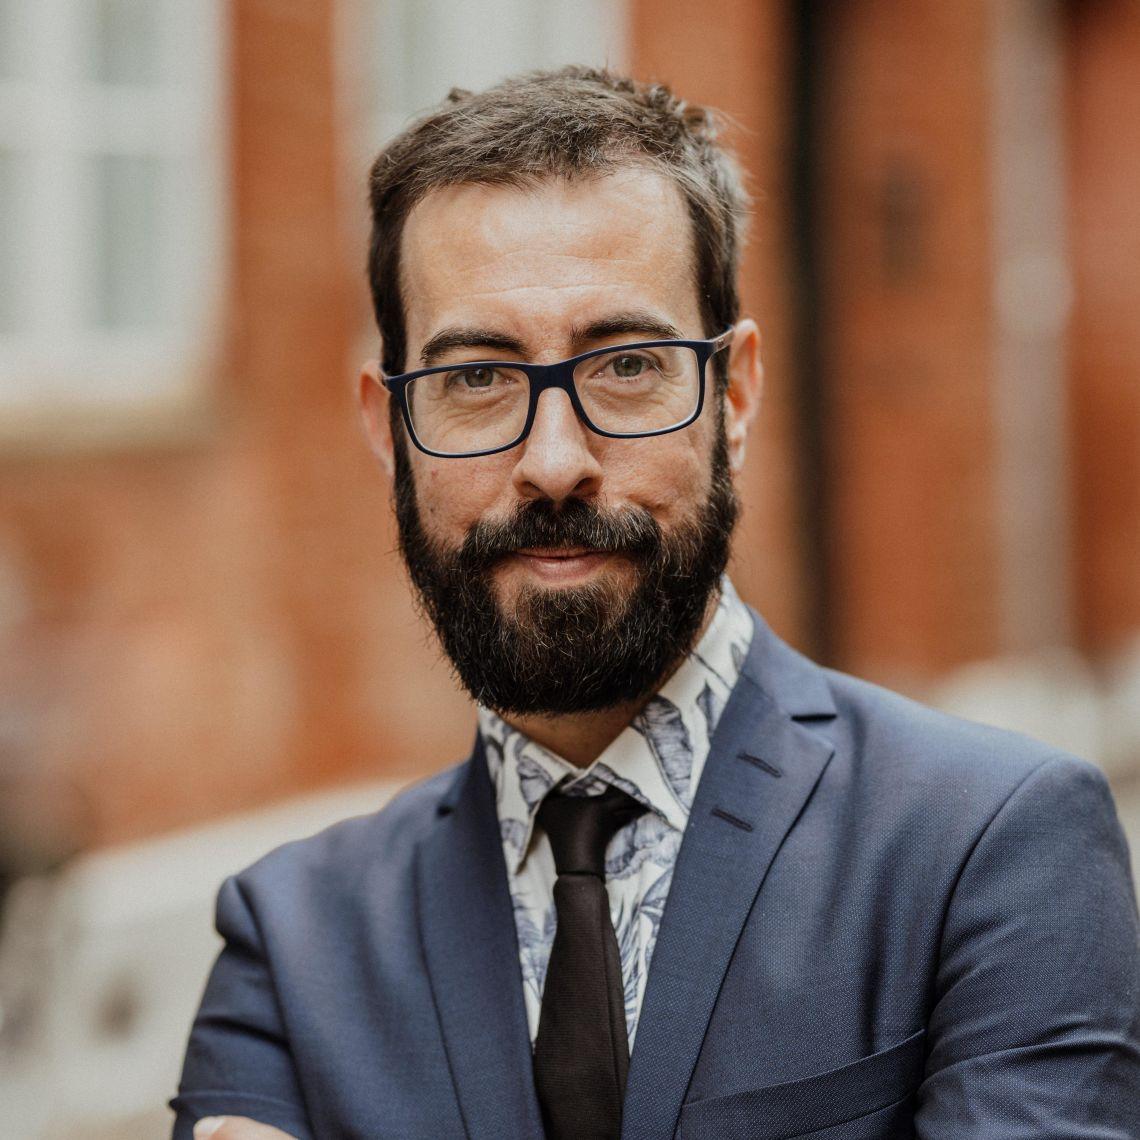 Alberto Delgado